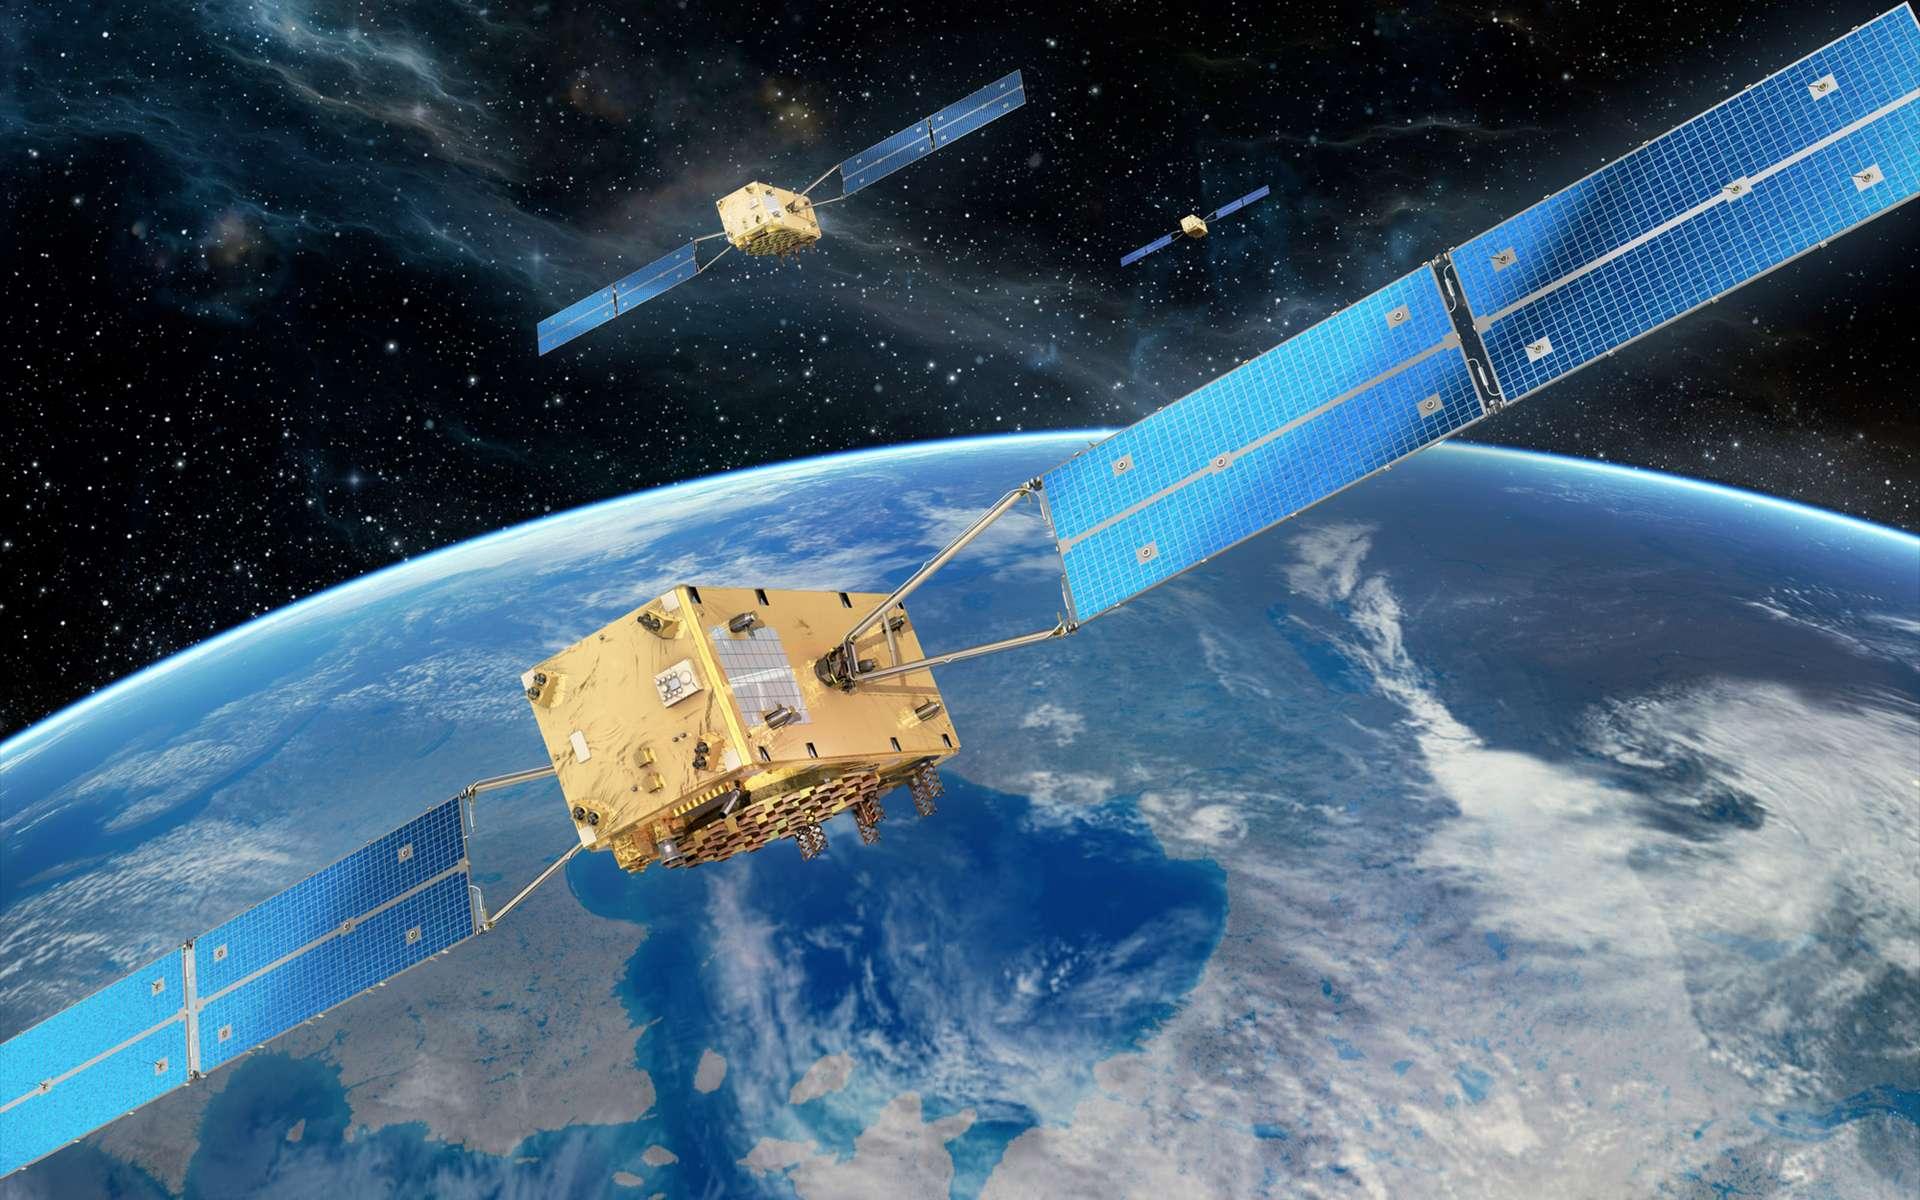 Lorsqu'elle sera pleinement opérationnelle, la constellation Galileo comptera 30 satellites positionnés à 23.222 kilomètres d'altitude. © OHB